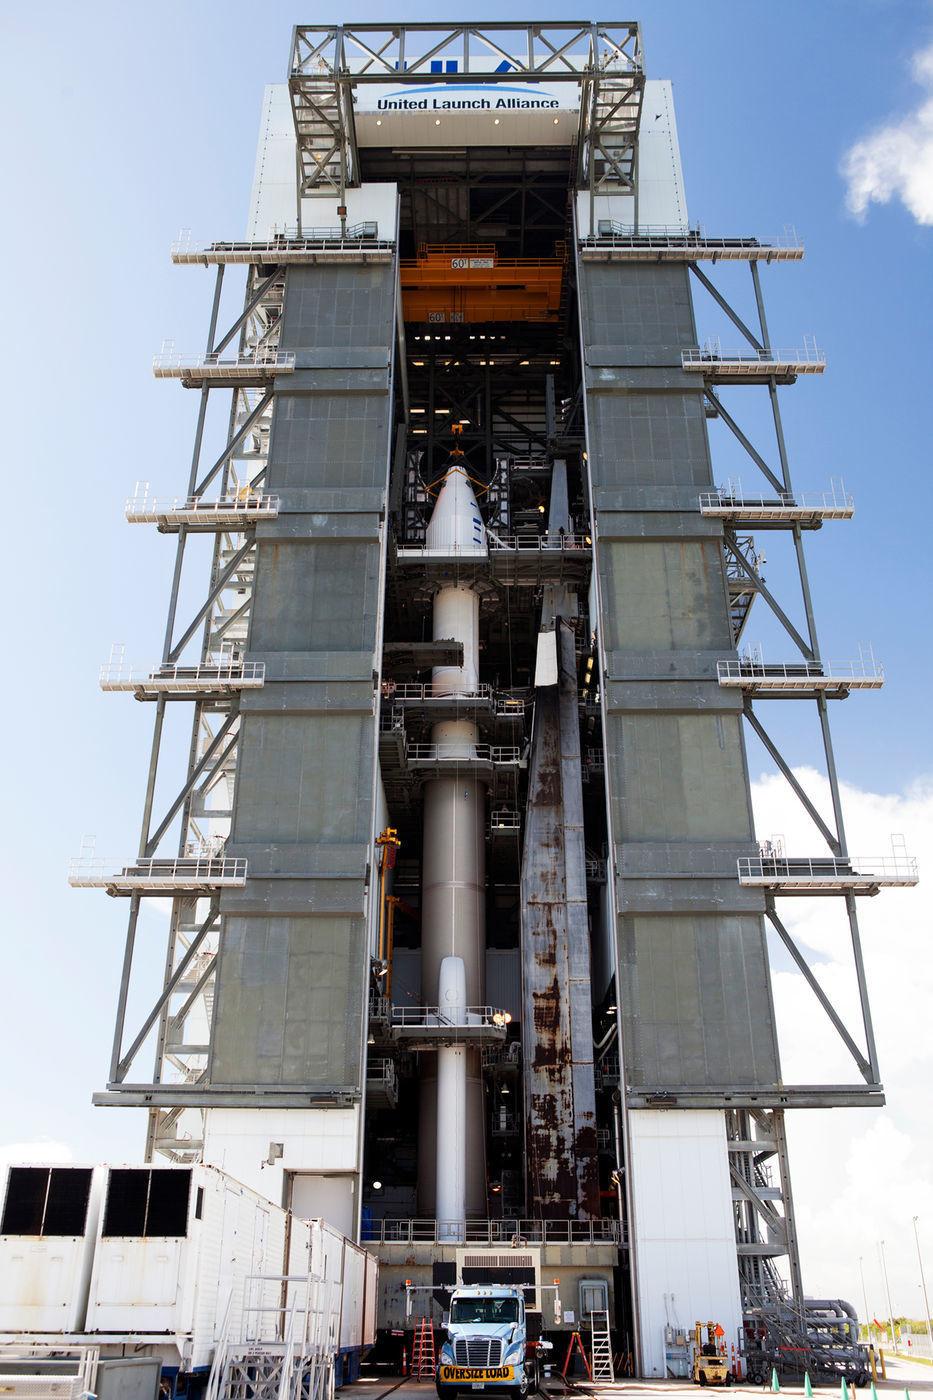 NASA parte all'inseguimento dell'asteroide con OSIRIS-REx - Tom's Hardware